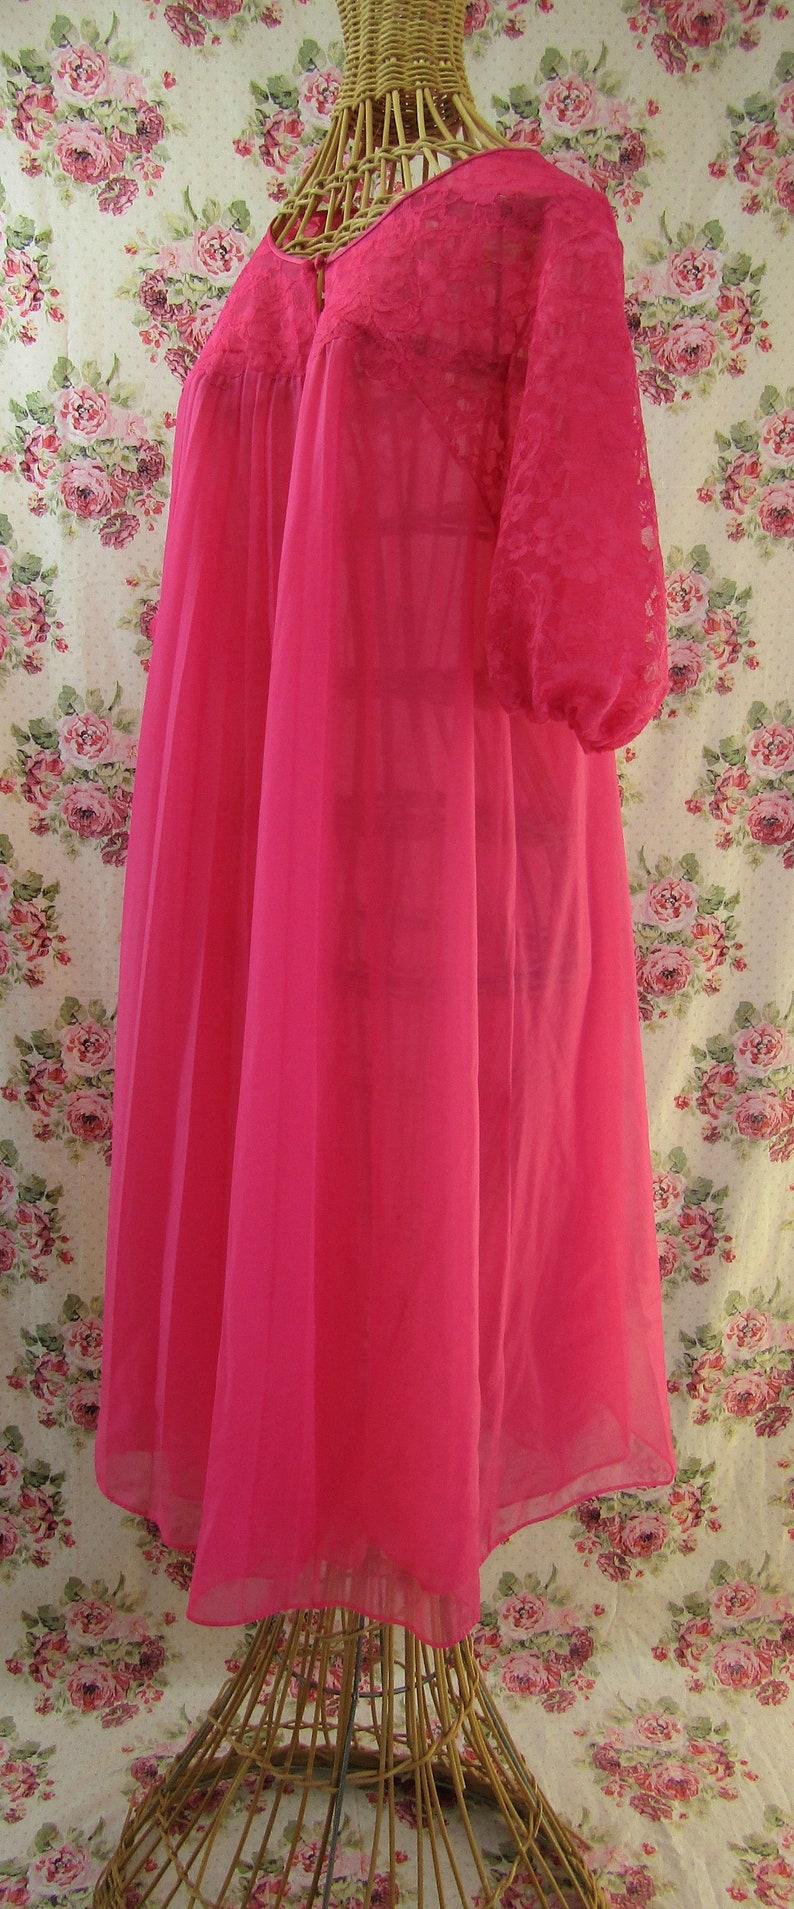 Vintage Negligee Sheer Peignoir Sheer Pink Peignoir Vintage Housecoat Sheer Robe Size Small Vanity Fair